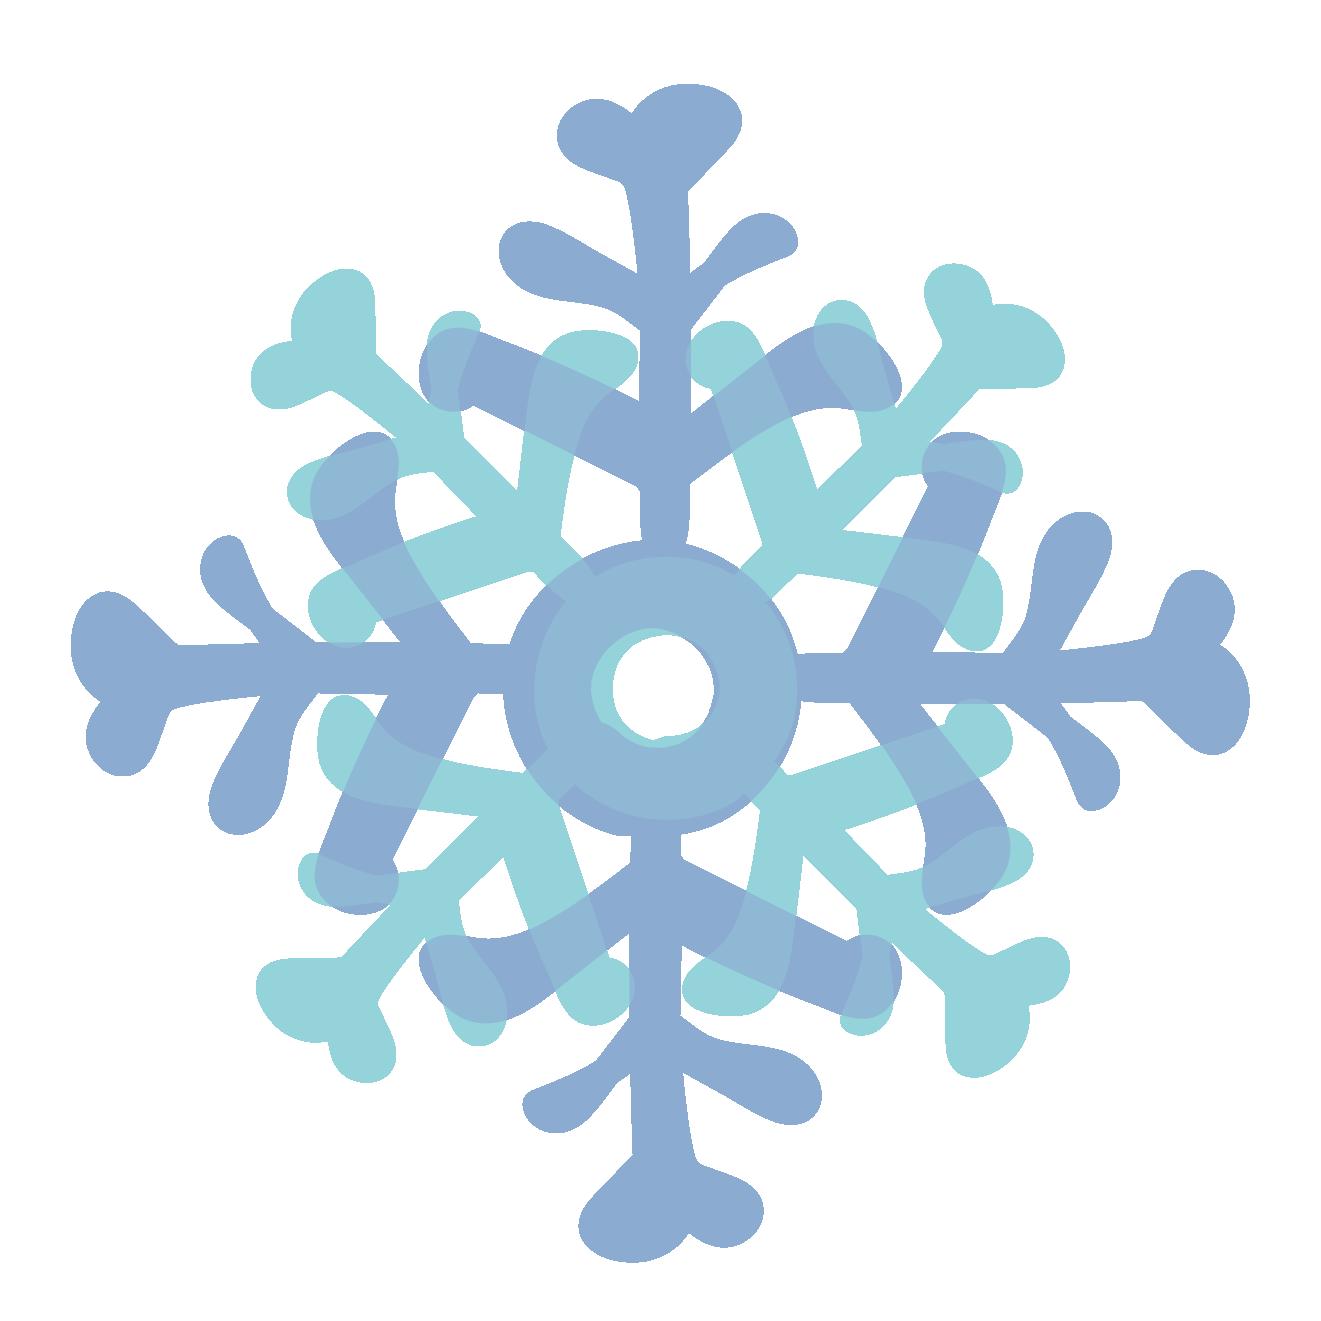 冬綺麗な雪の結晶 フリー イラスト 商用フリー無料のイラスト